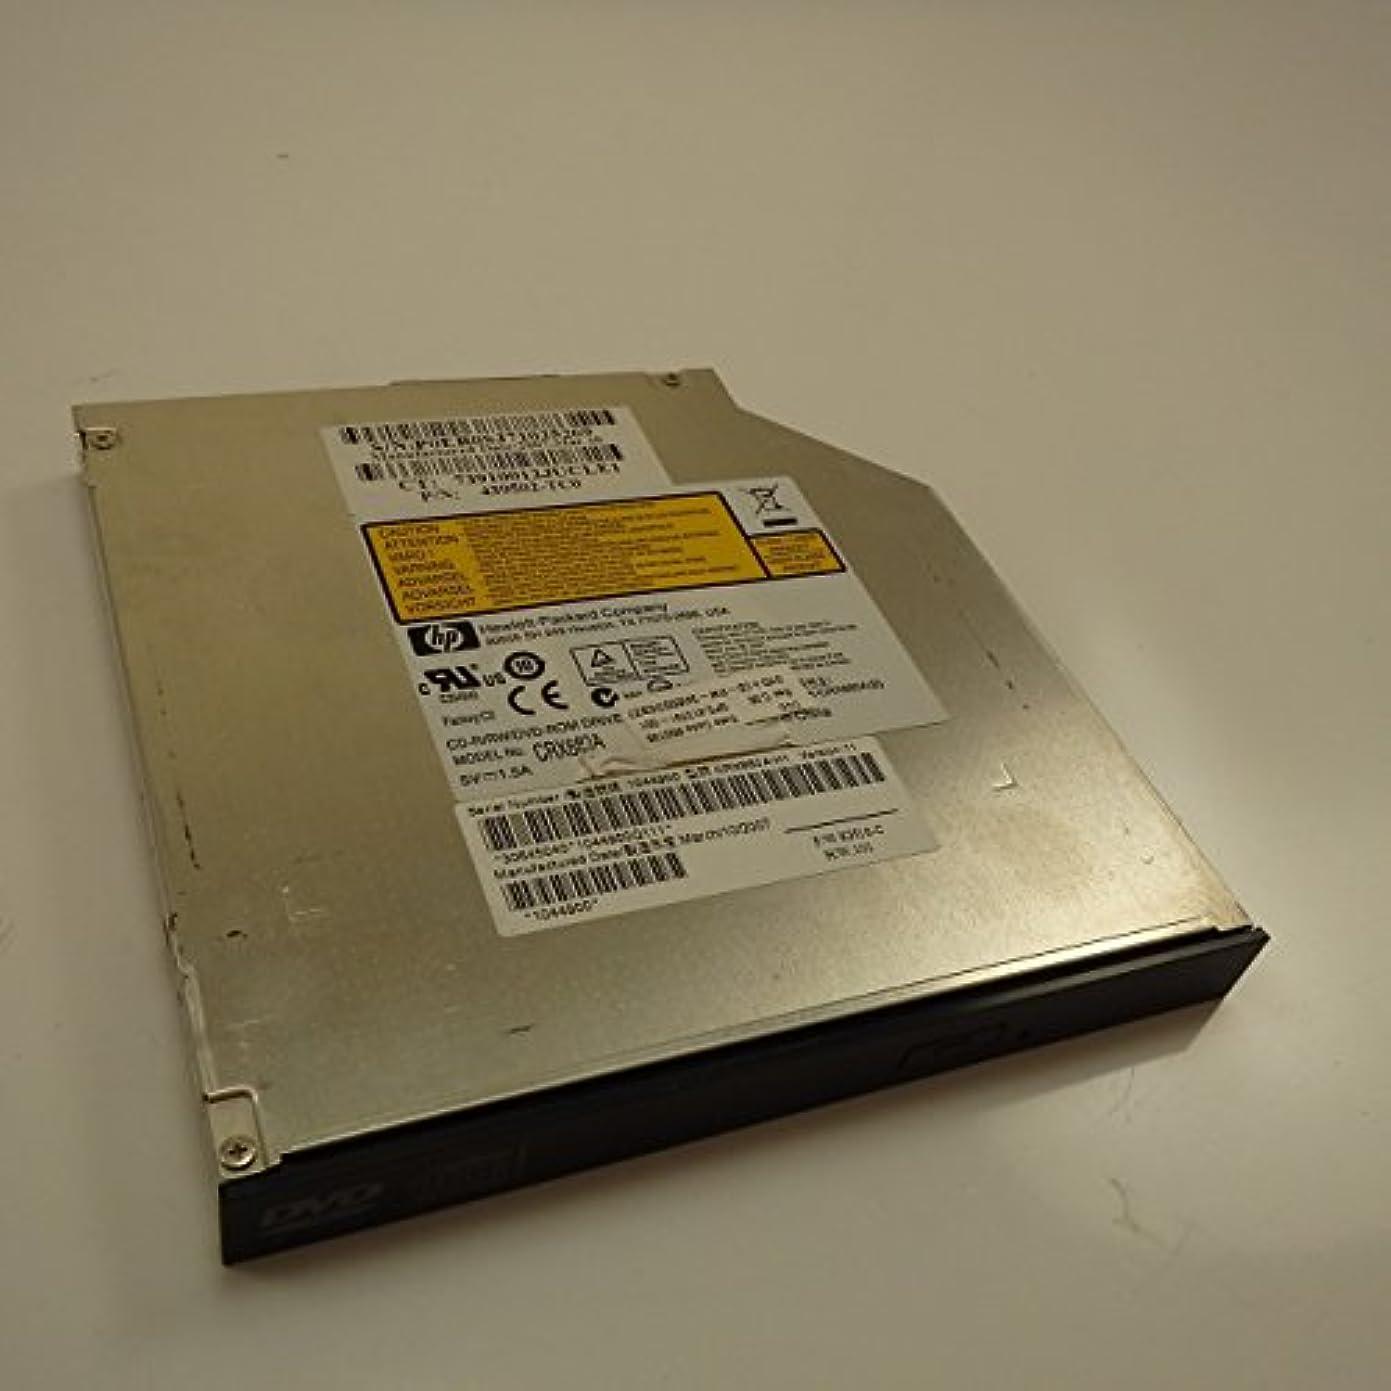 怠南カストディアン413701 – 001 HP 24 / 8 x CD / DVDコンボドライブ413701 – 001